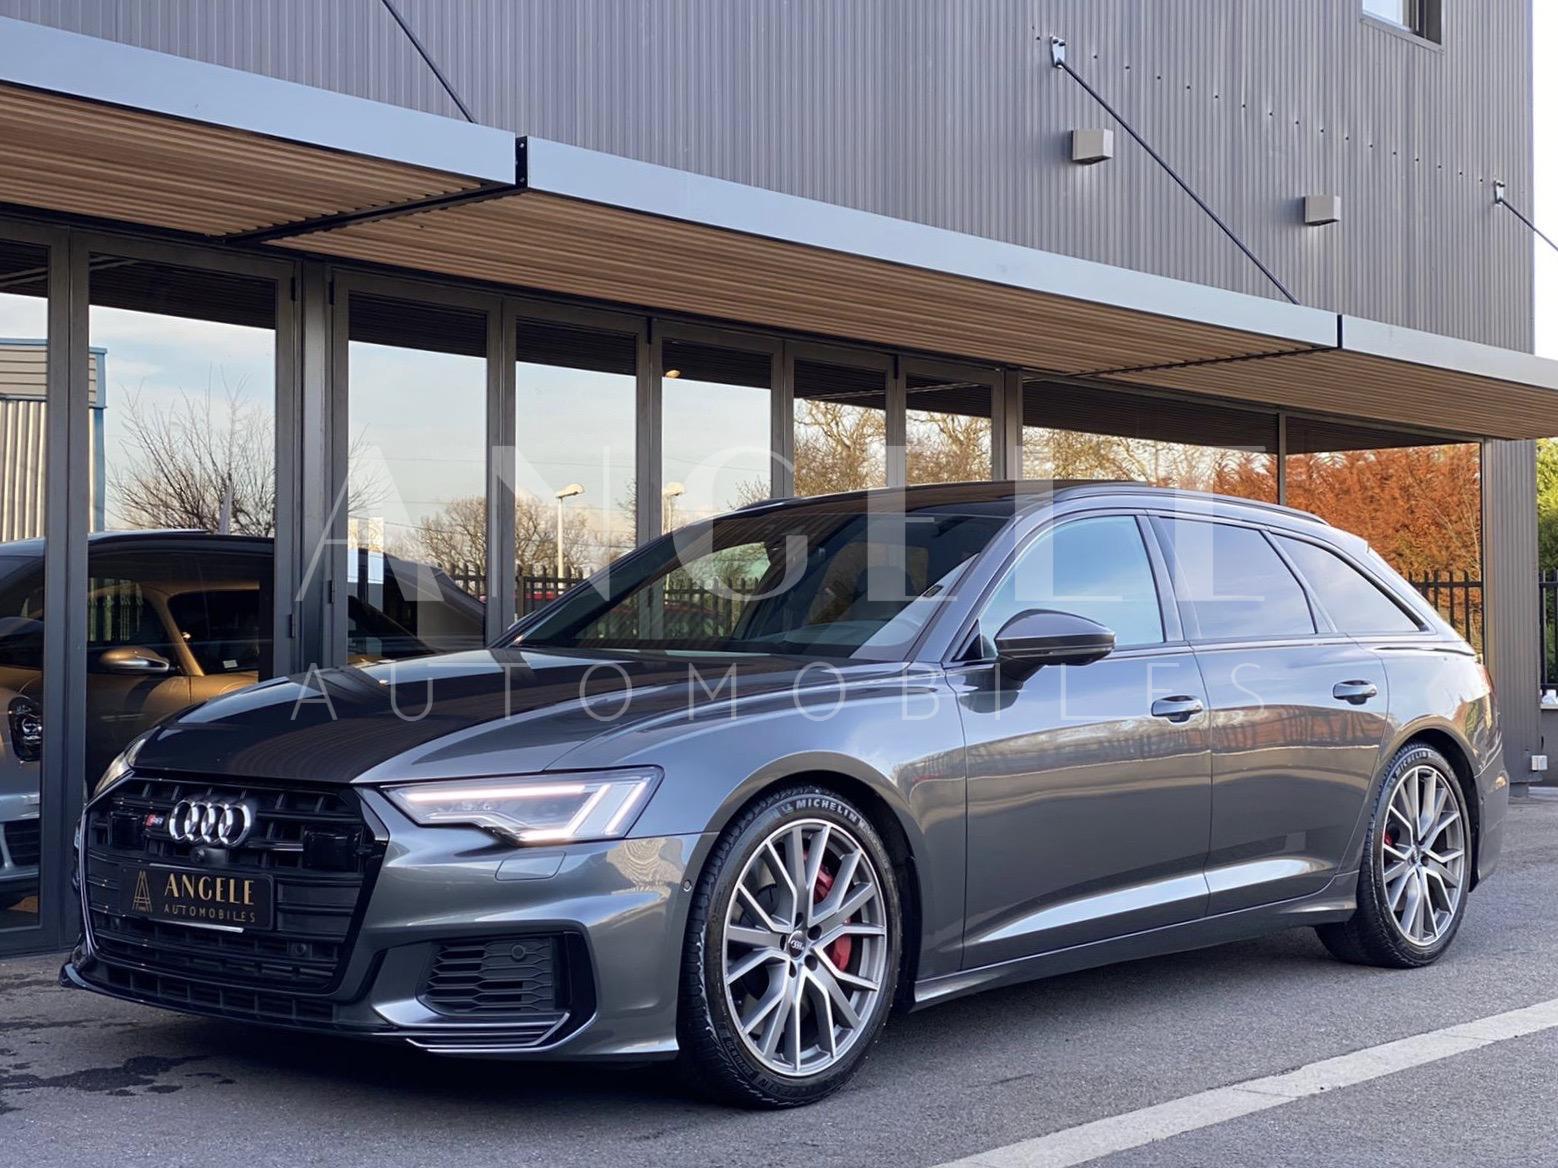 Audi S6 Avant - Angelé Automobiles